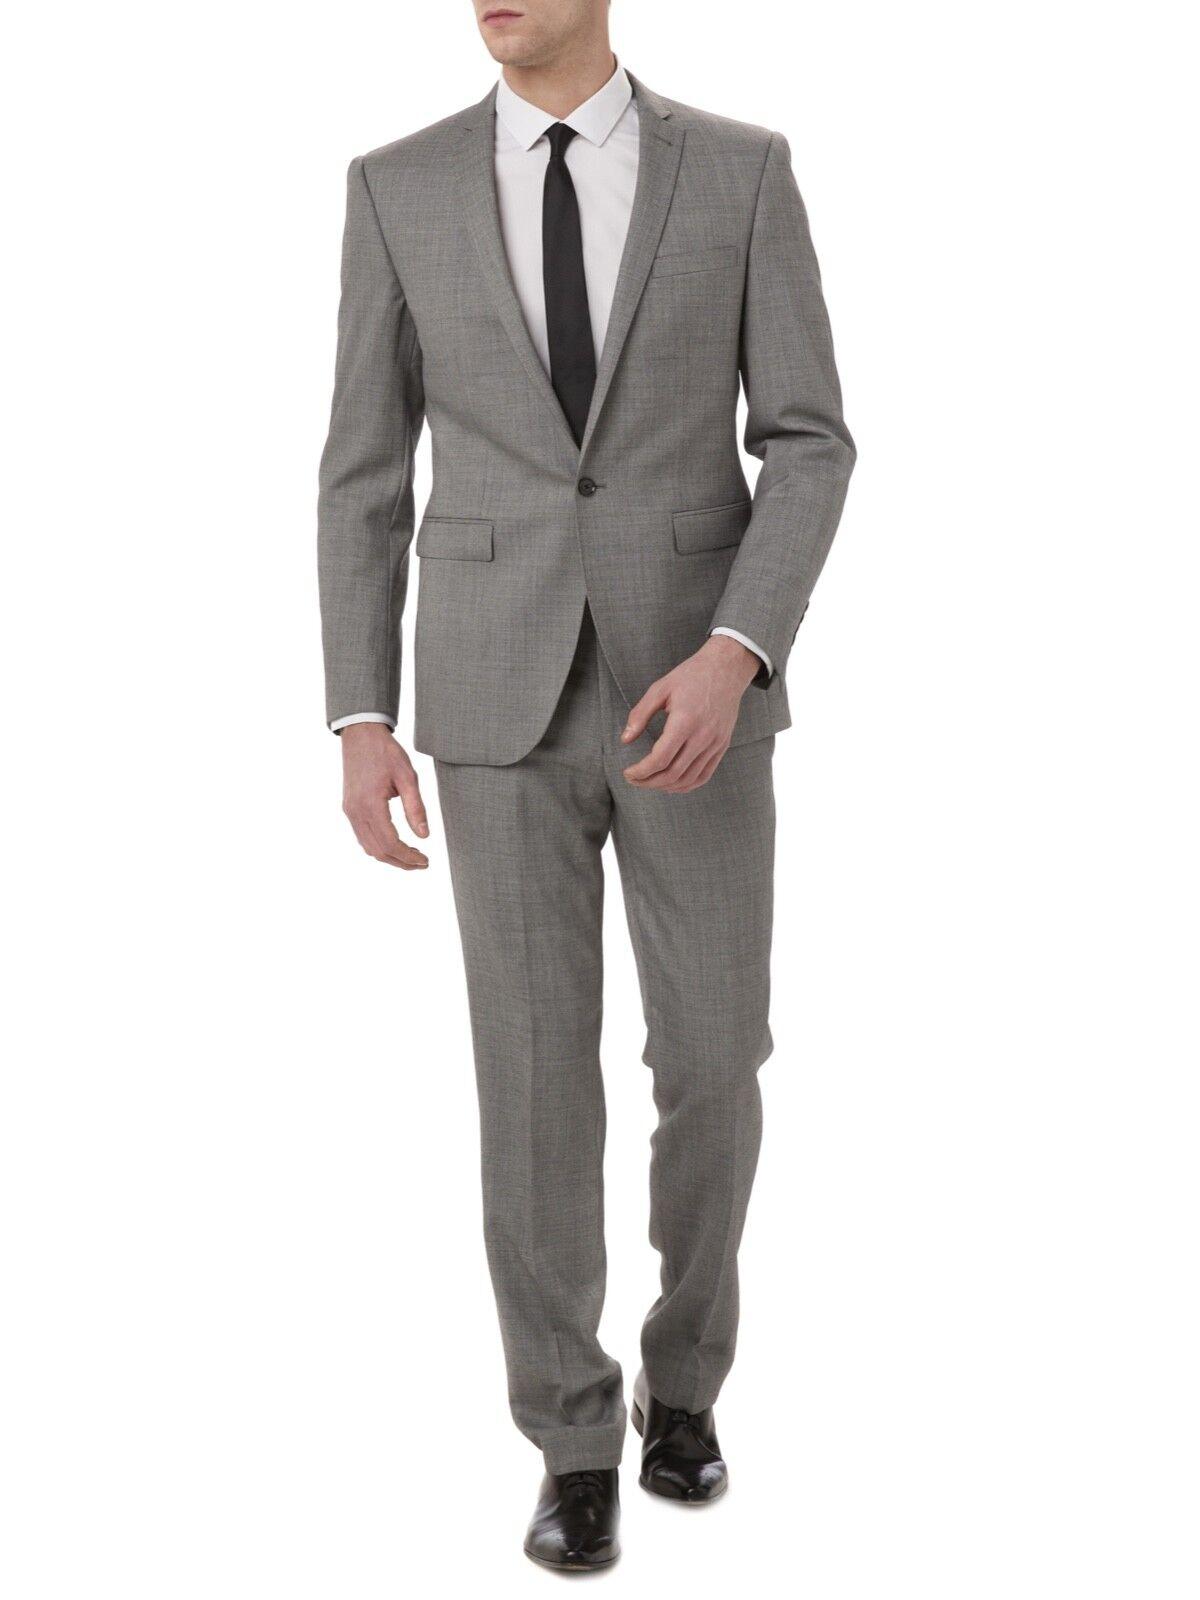 REMUS men® 'Luca' Slim Fit Suit Grey Marl - 40R 34R LAST ONE  SRP